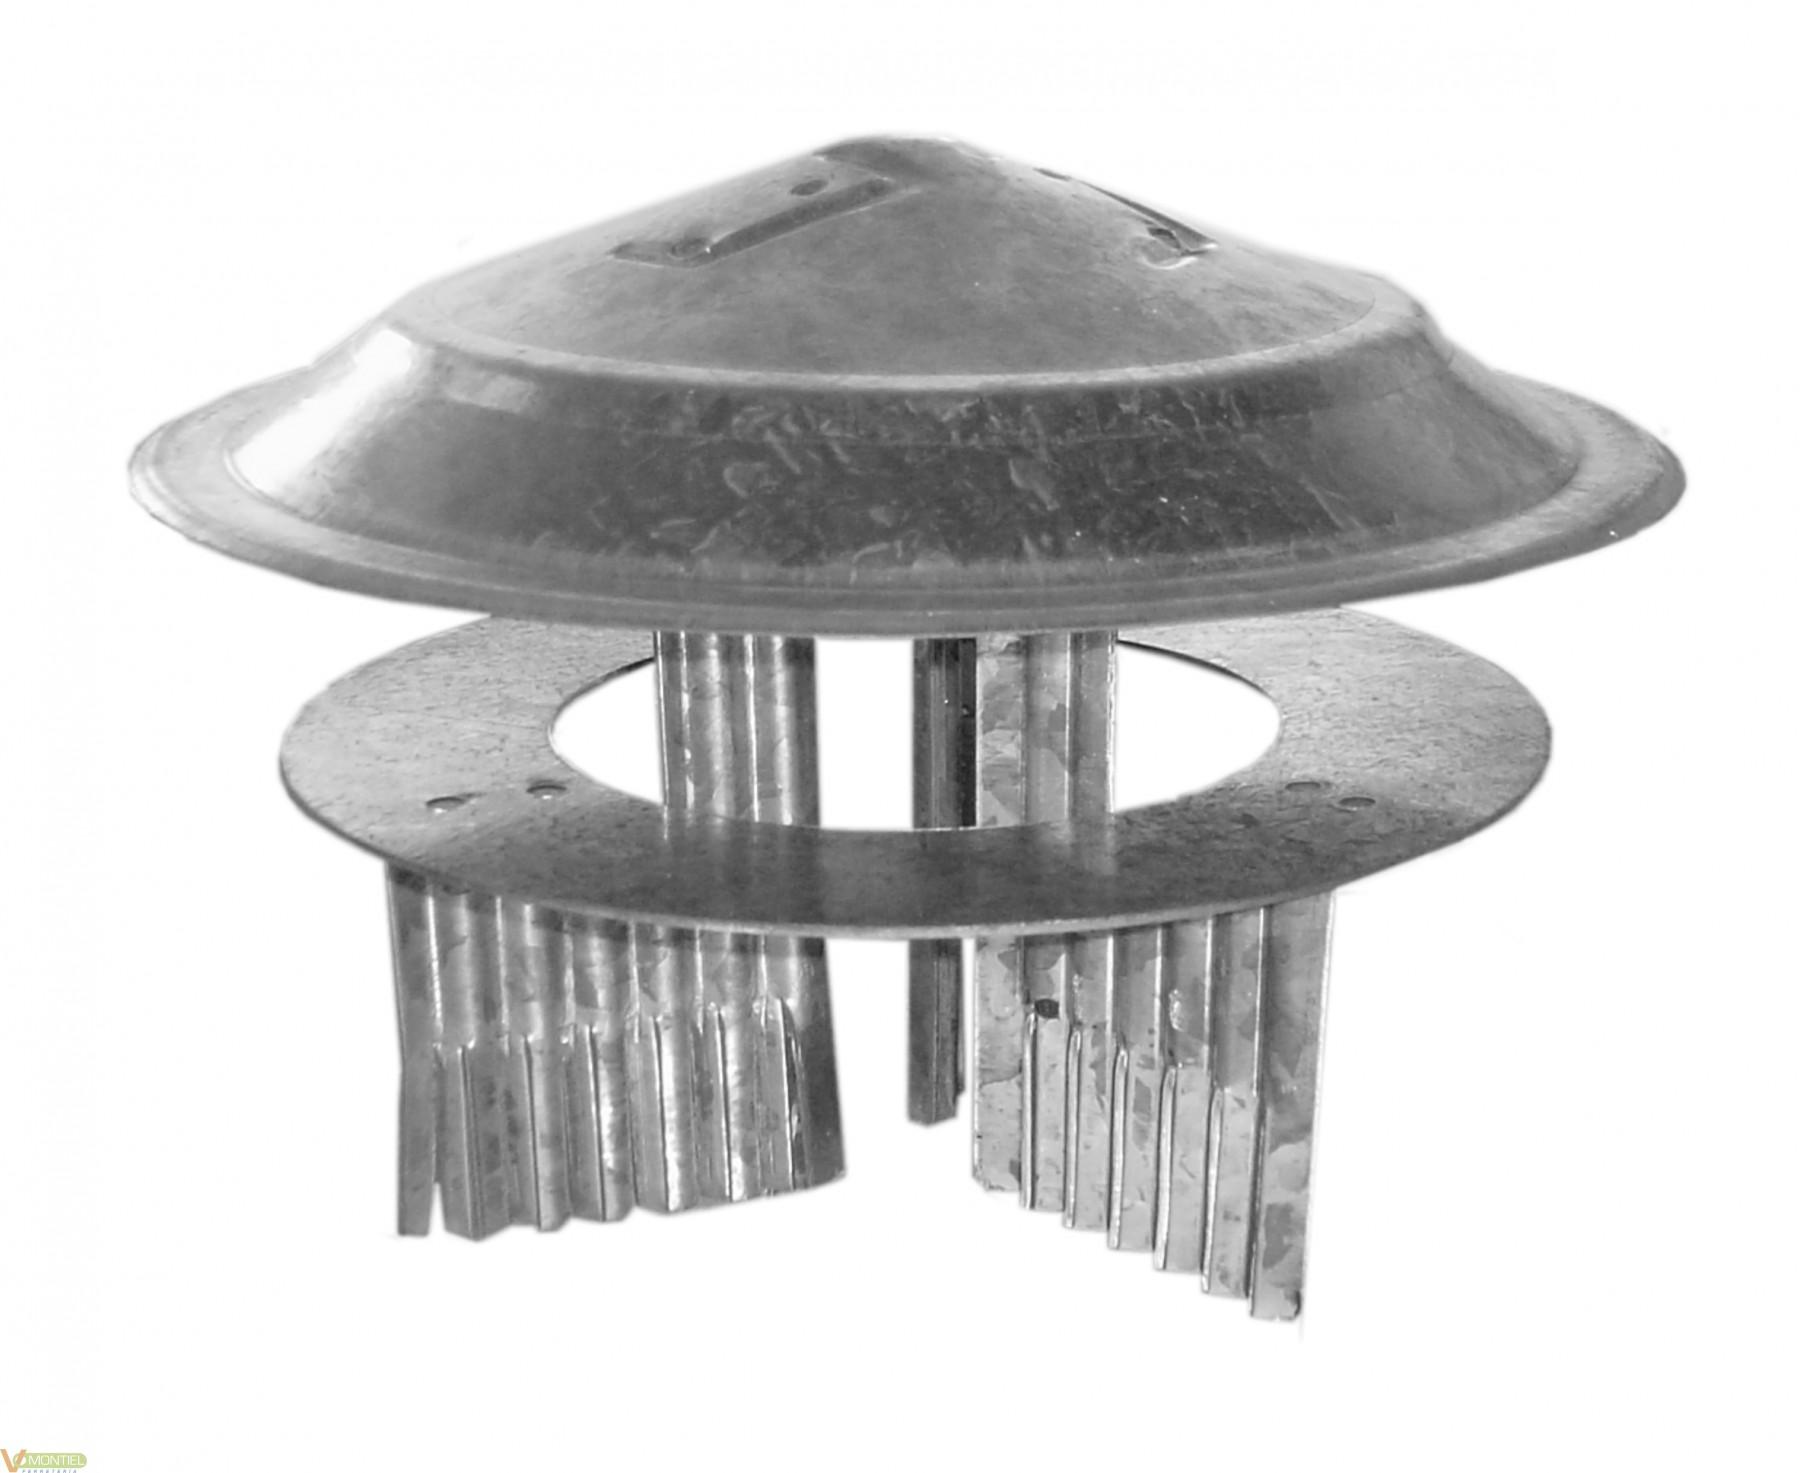 Sombrerete t/estufa 080 a 150-0